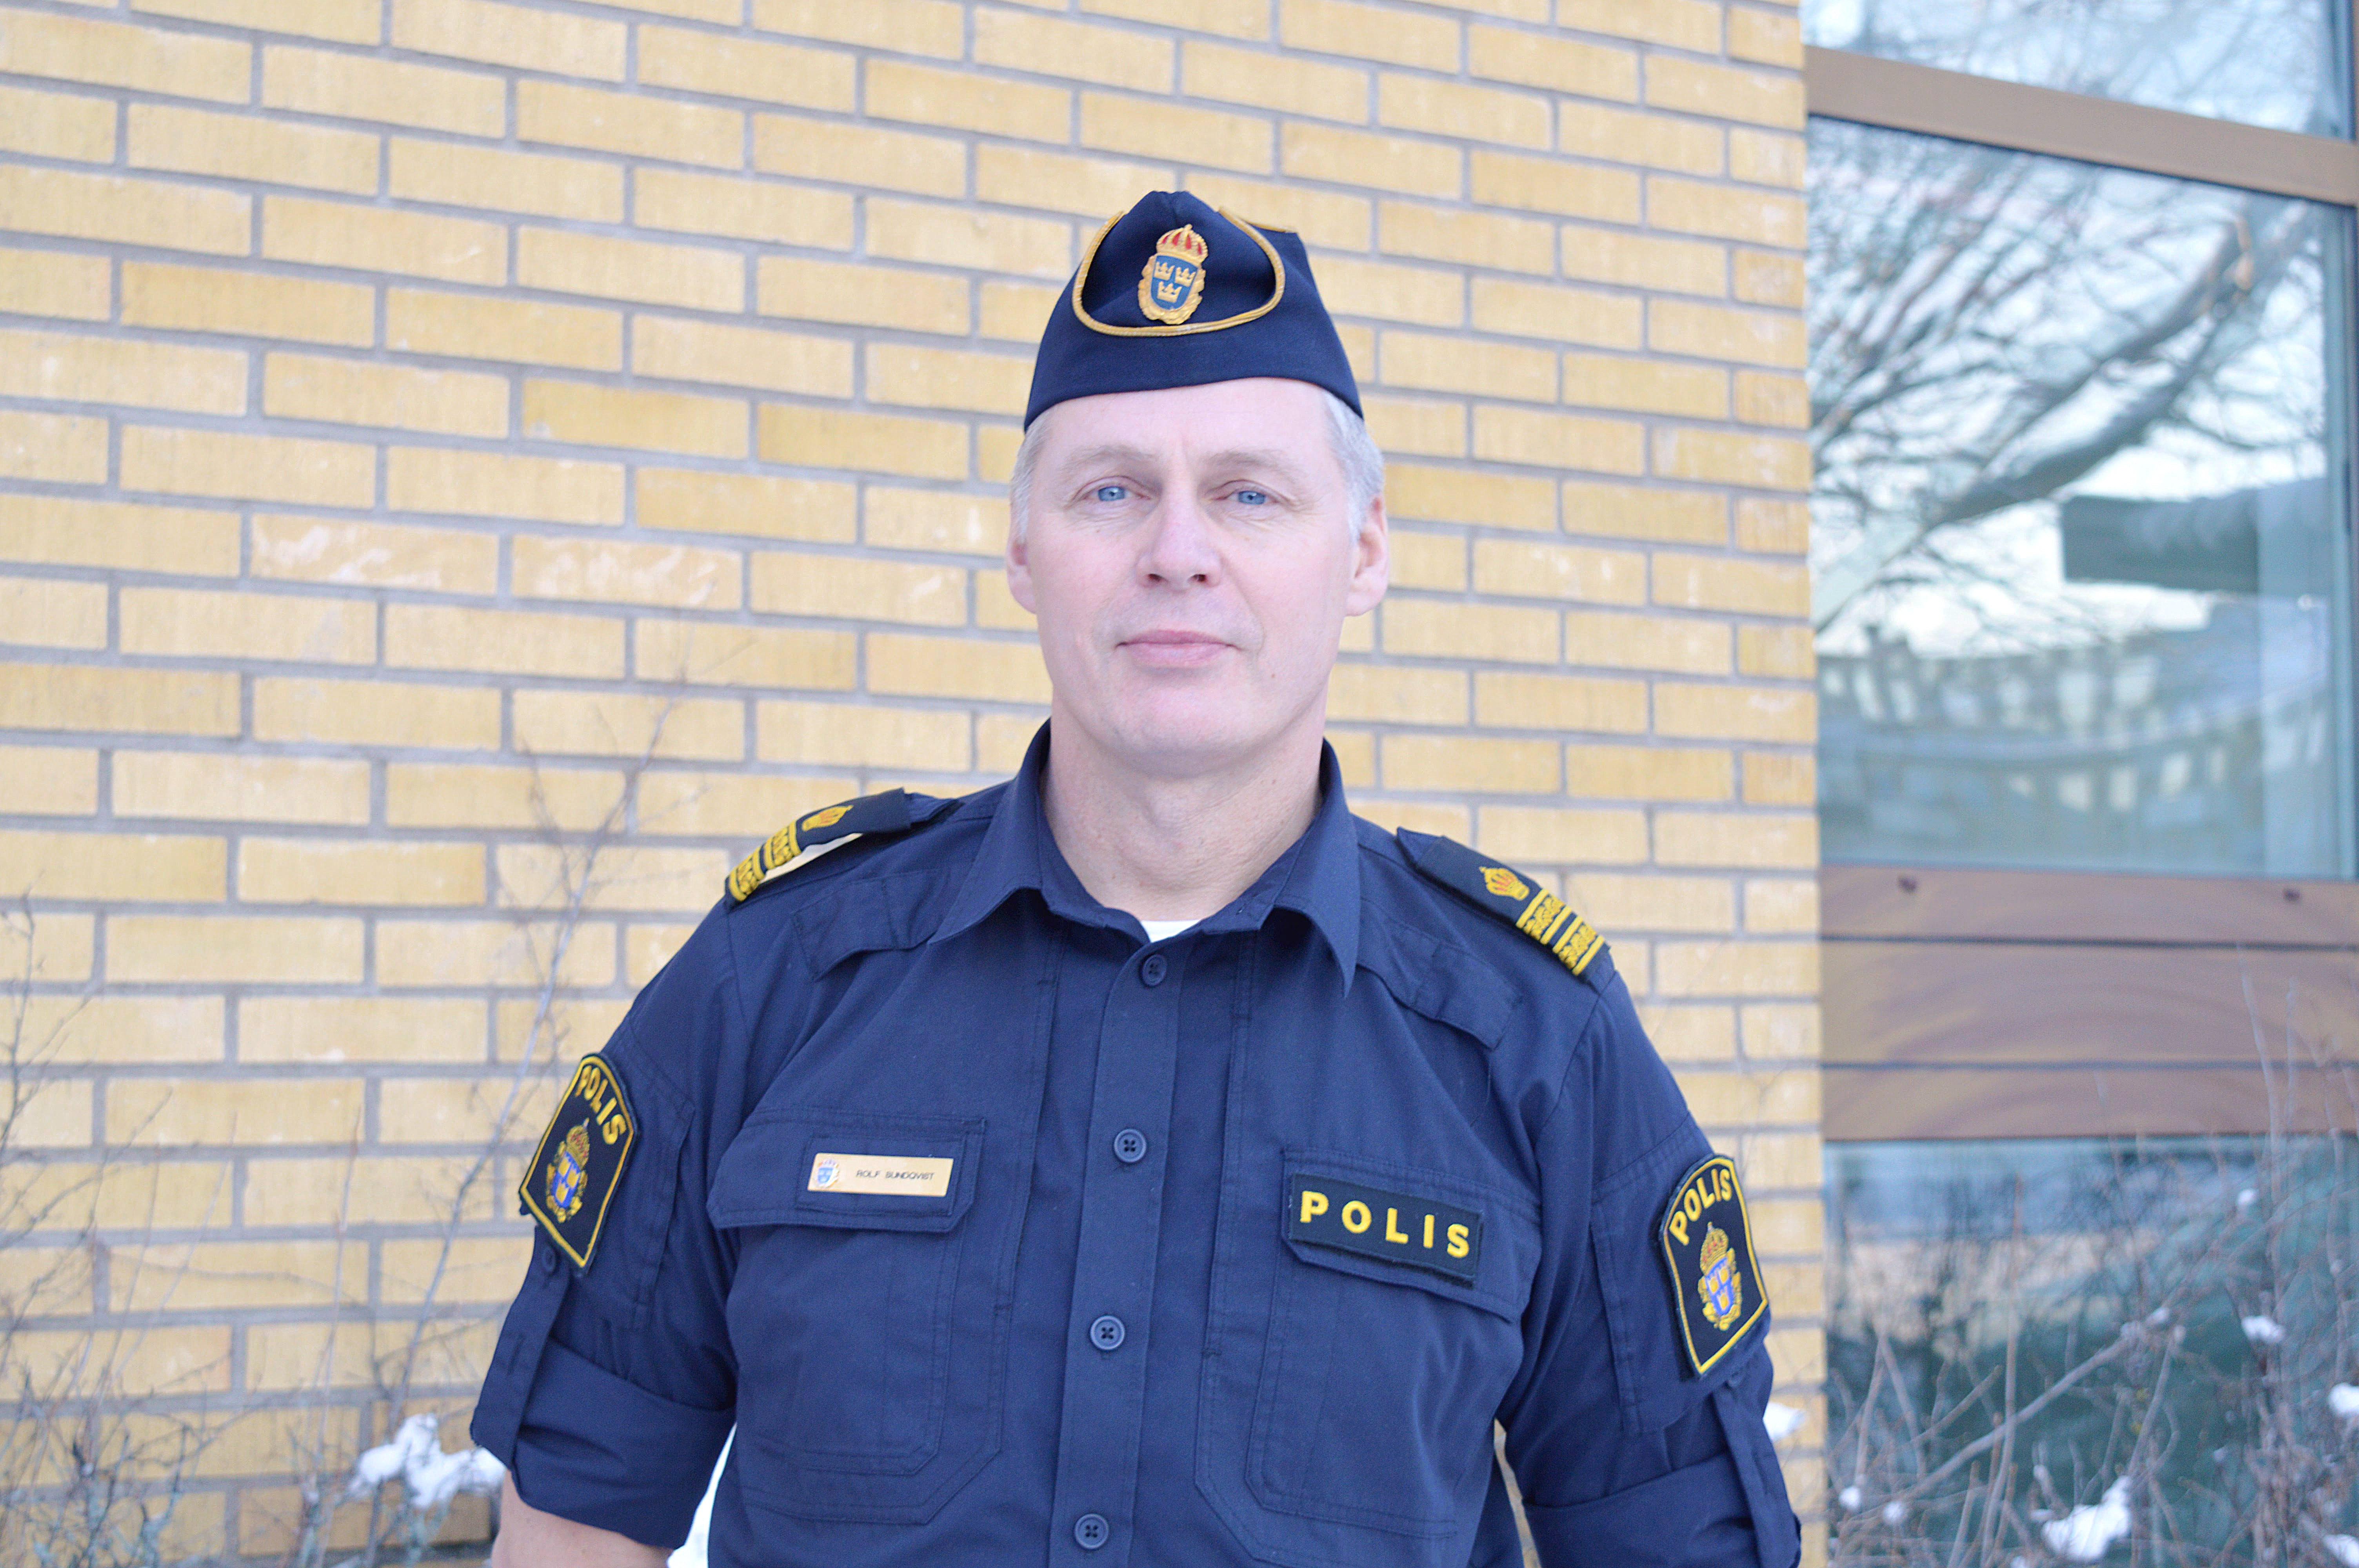 polis gävle